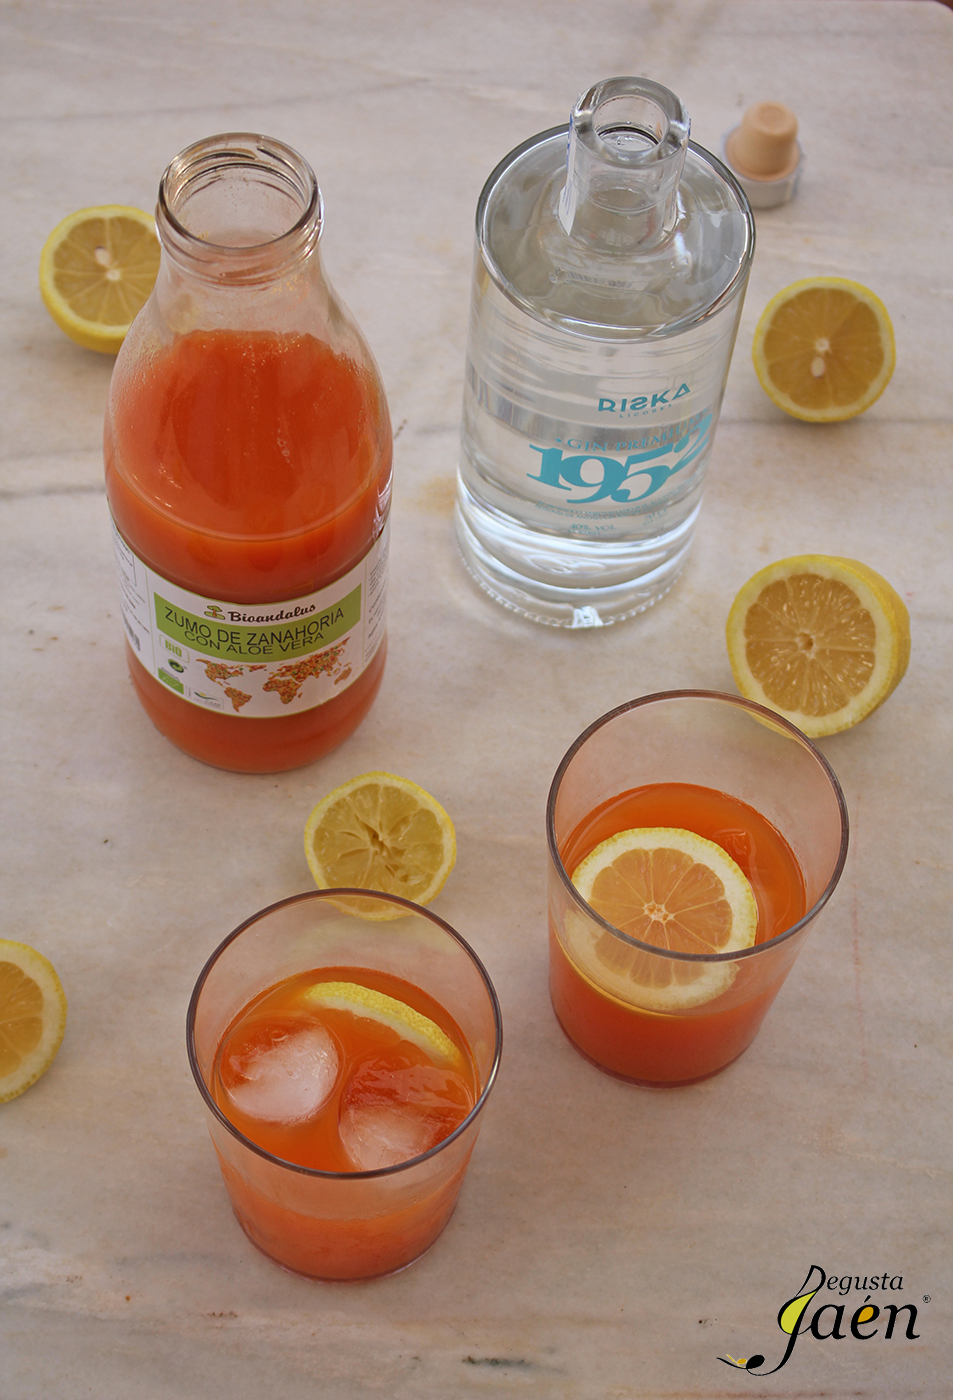 Cóctel de zumo de zanahoria y ginebra Degusta Jaén (3)